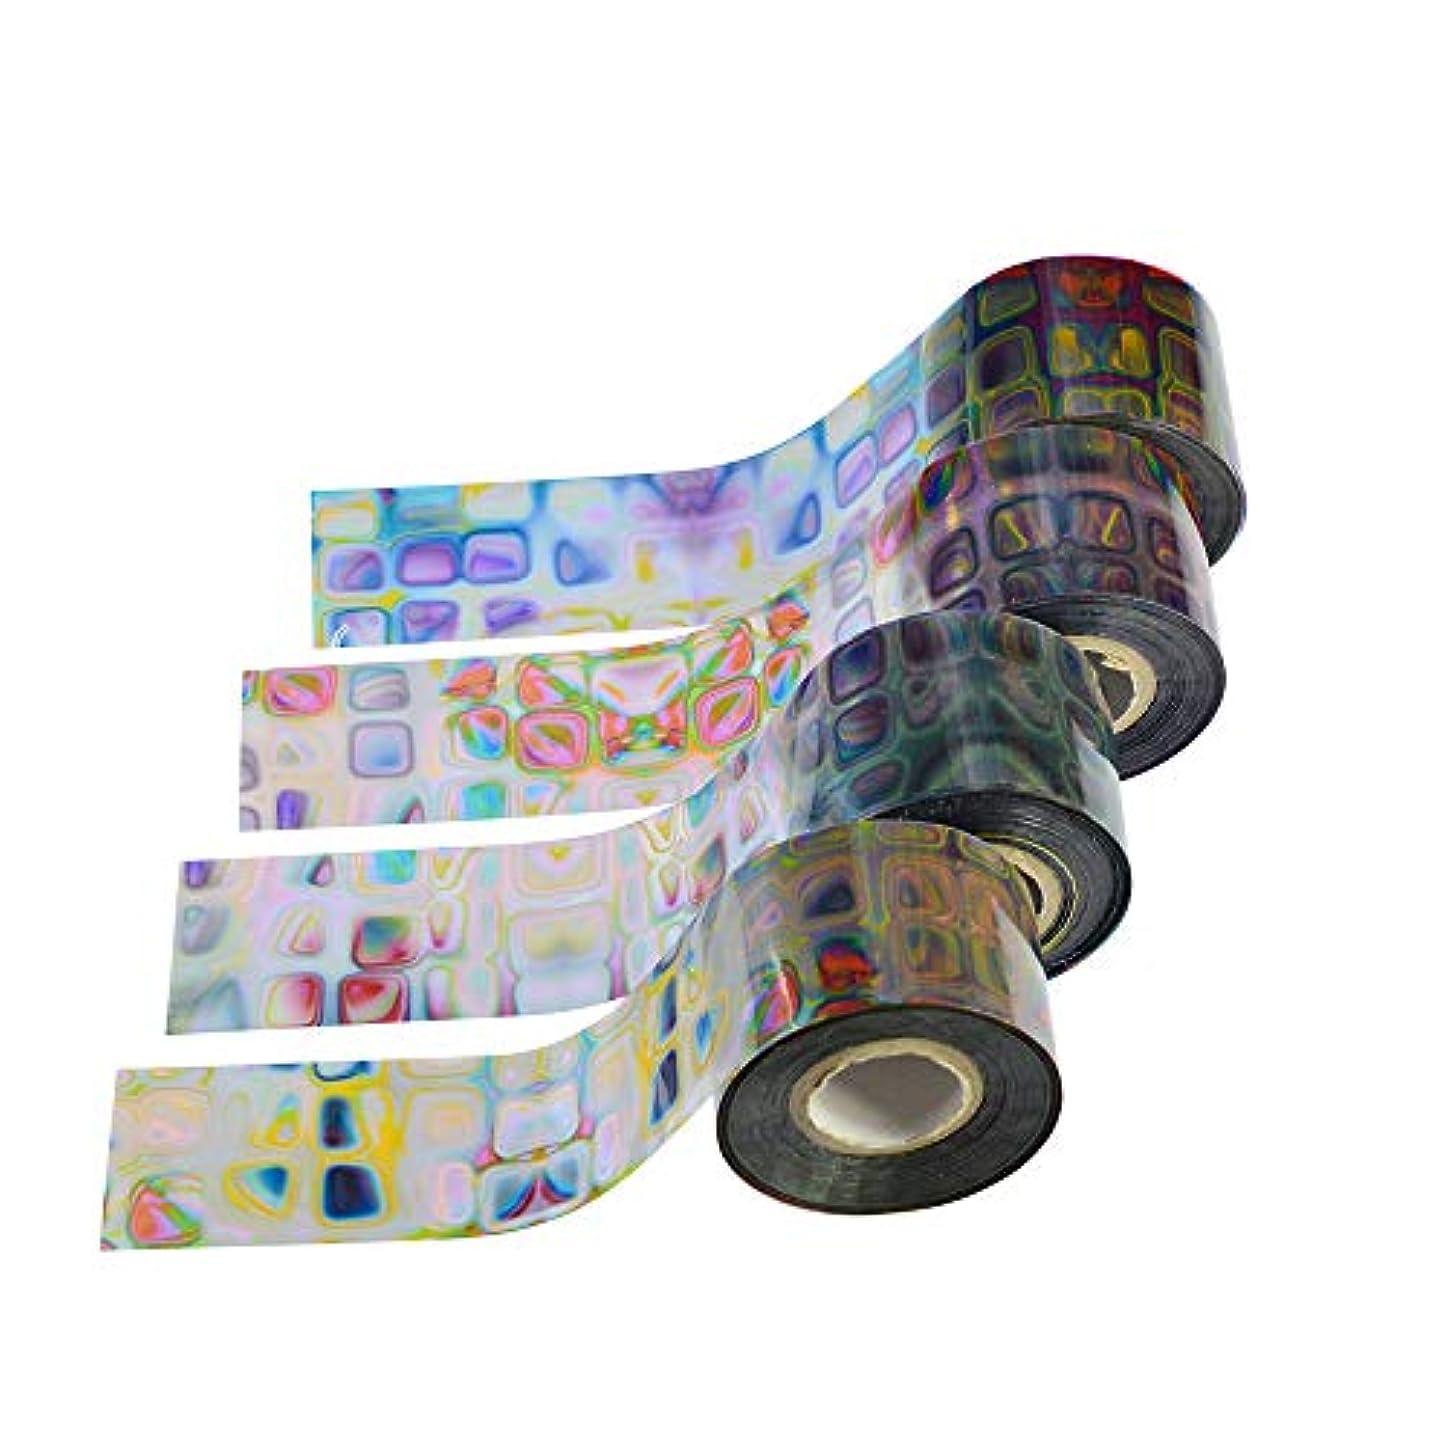 広いピアニストダイジェストSUKTI&XIAO ネイルステッカー 16ロール迷路グラデーション星空スカイホイルネイルアート転写ステッカーデカールラップマニキュア装飾diy接着剤